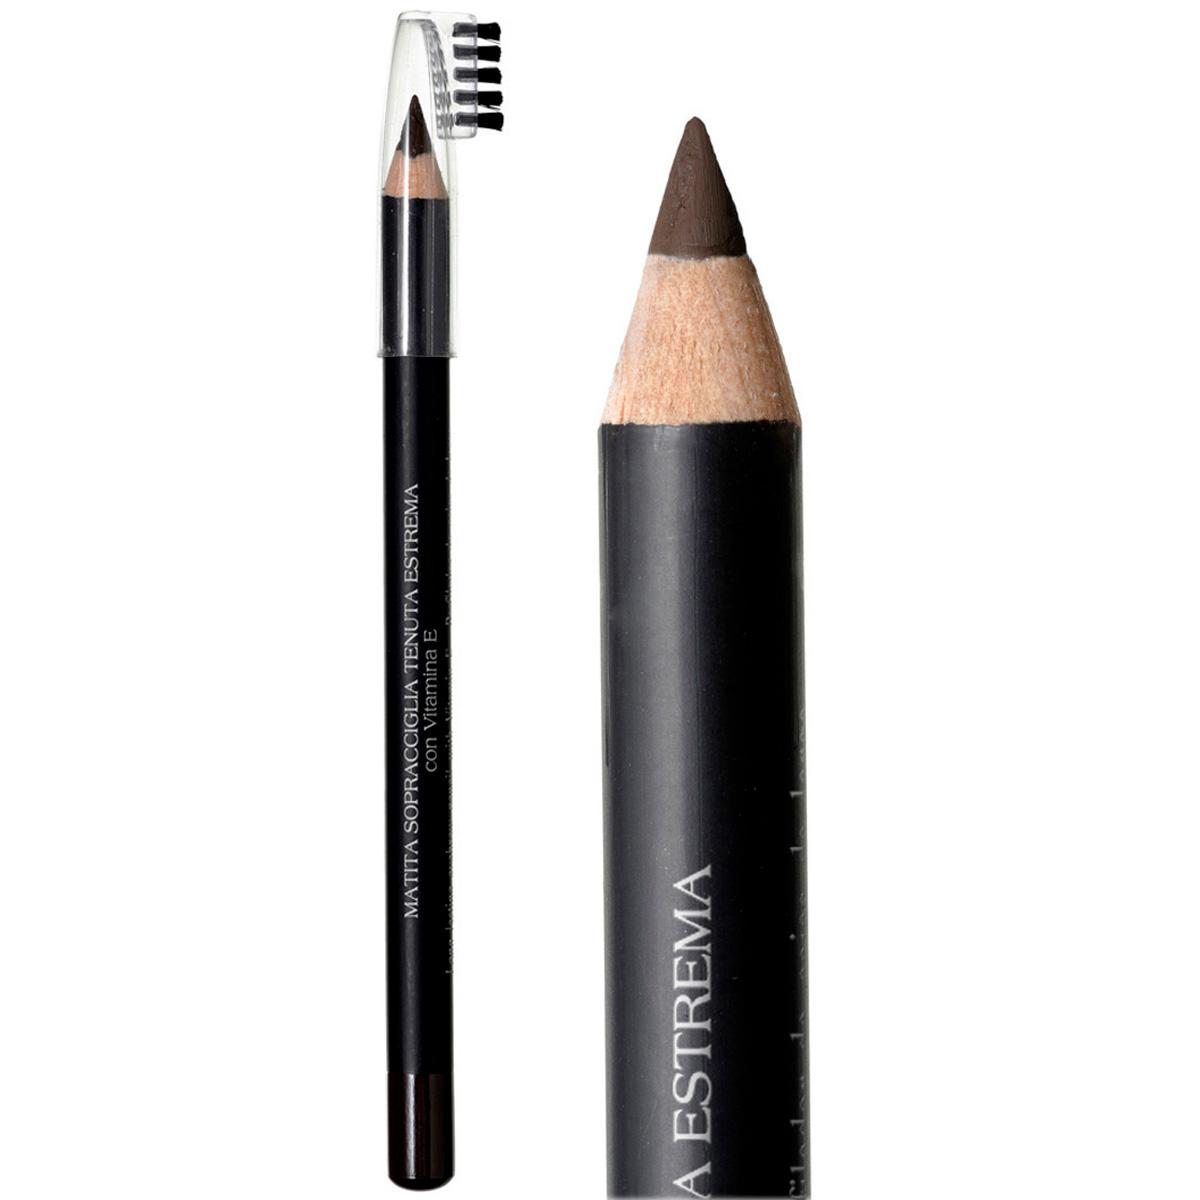 Creion de sprancene cu Vitamina E